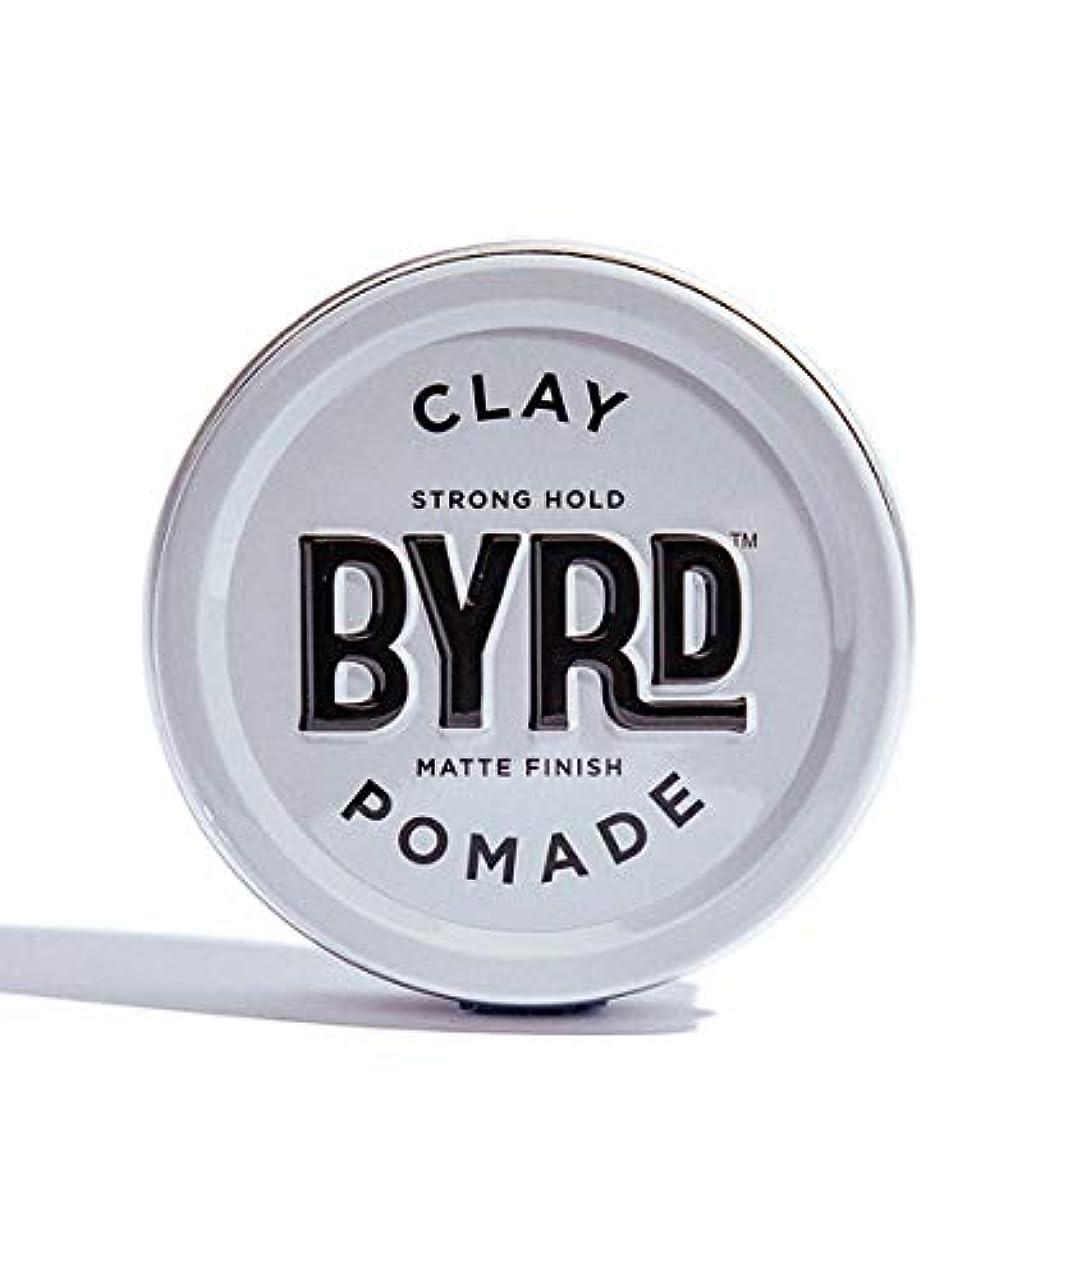 スムーズに提唱する革新BYRD/クレイポマード 95g メンズコスメ ワックス ヘアスタイリング かっこいい モテ髪